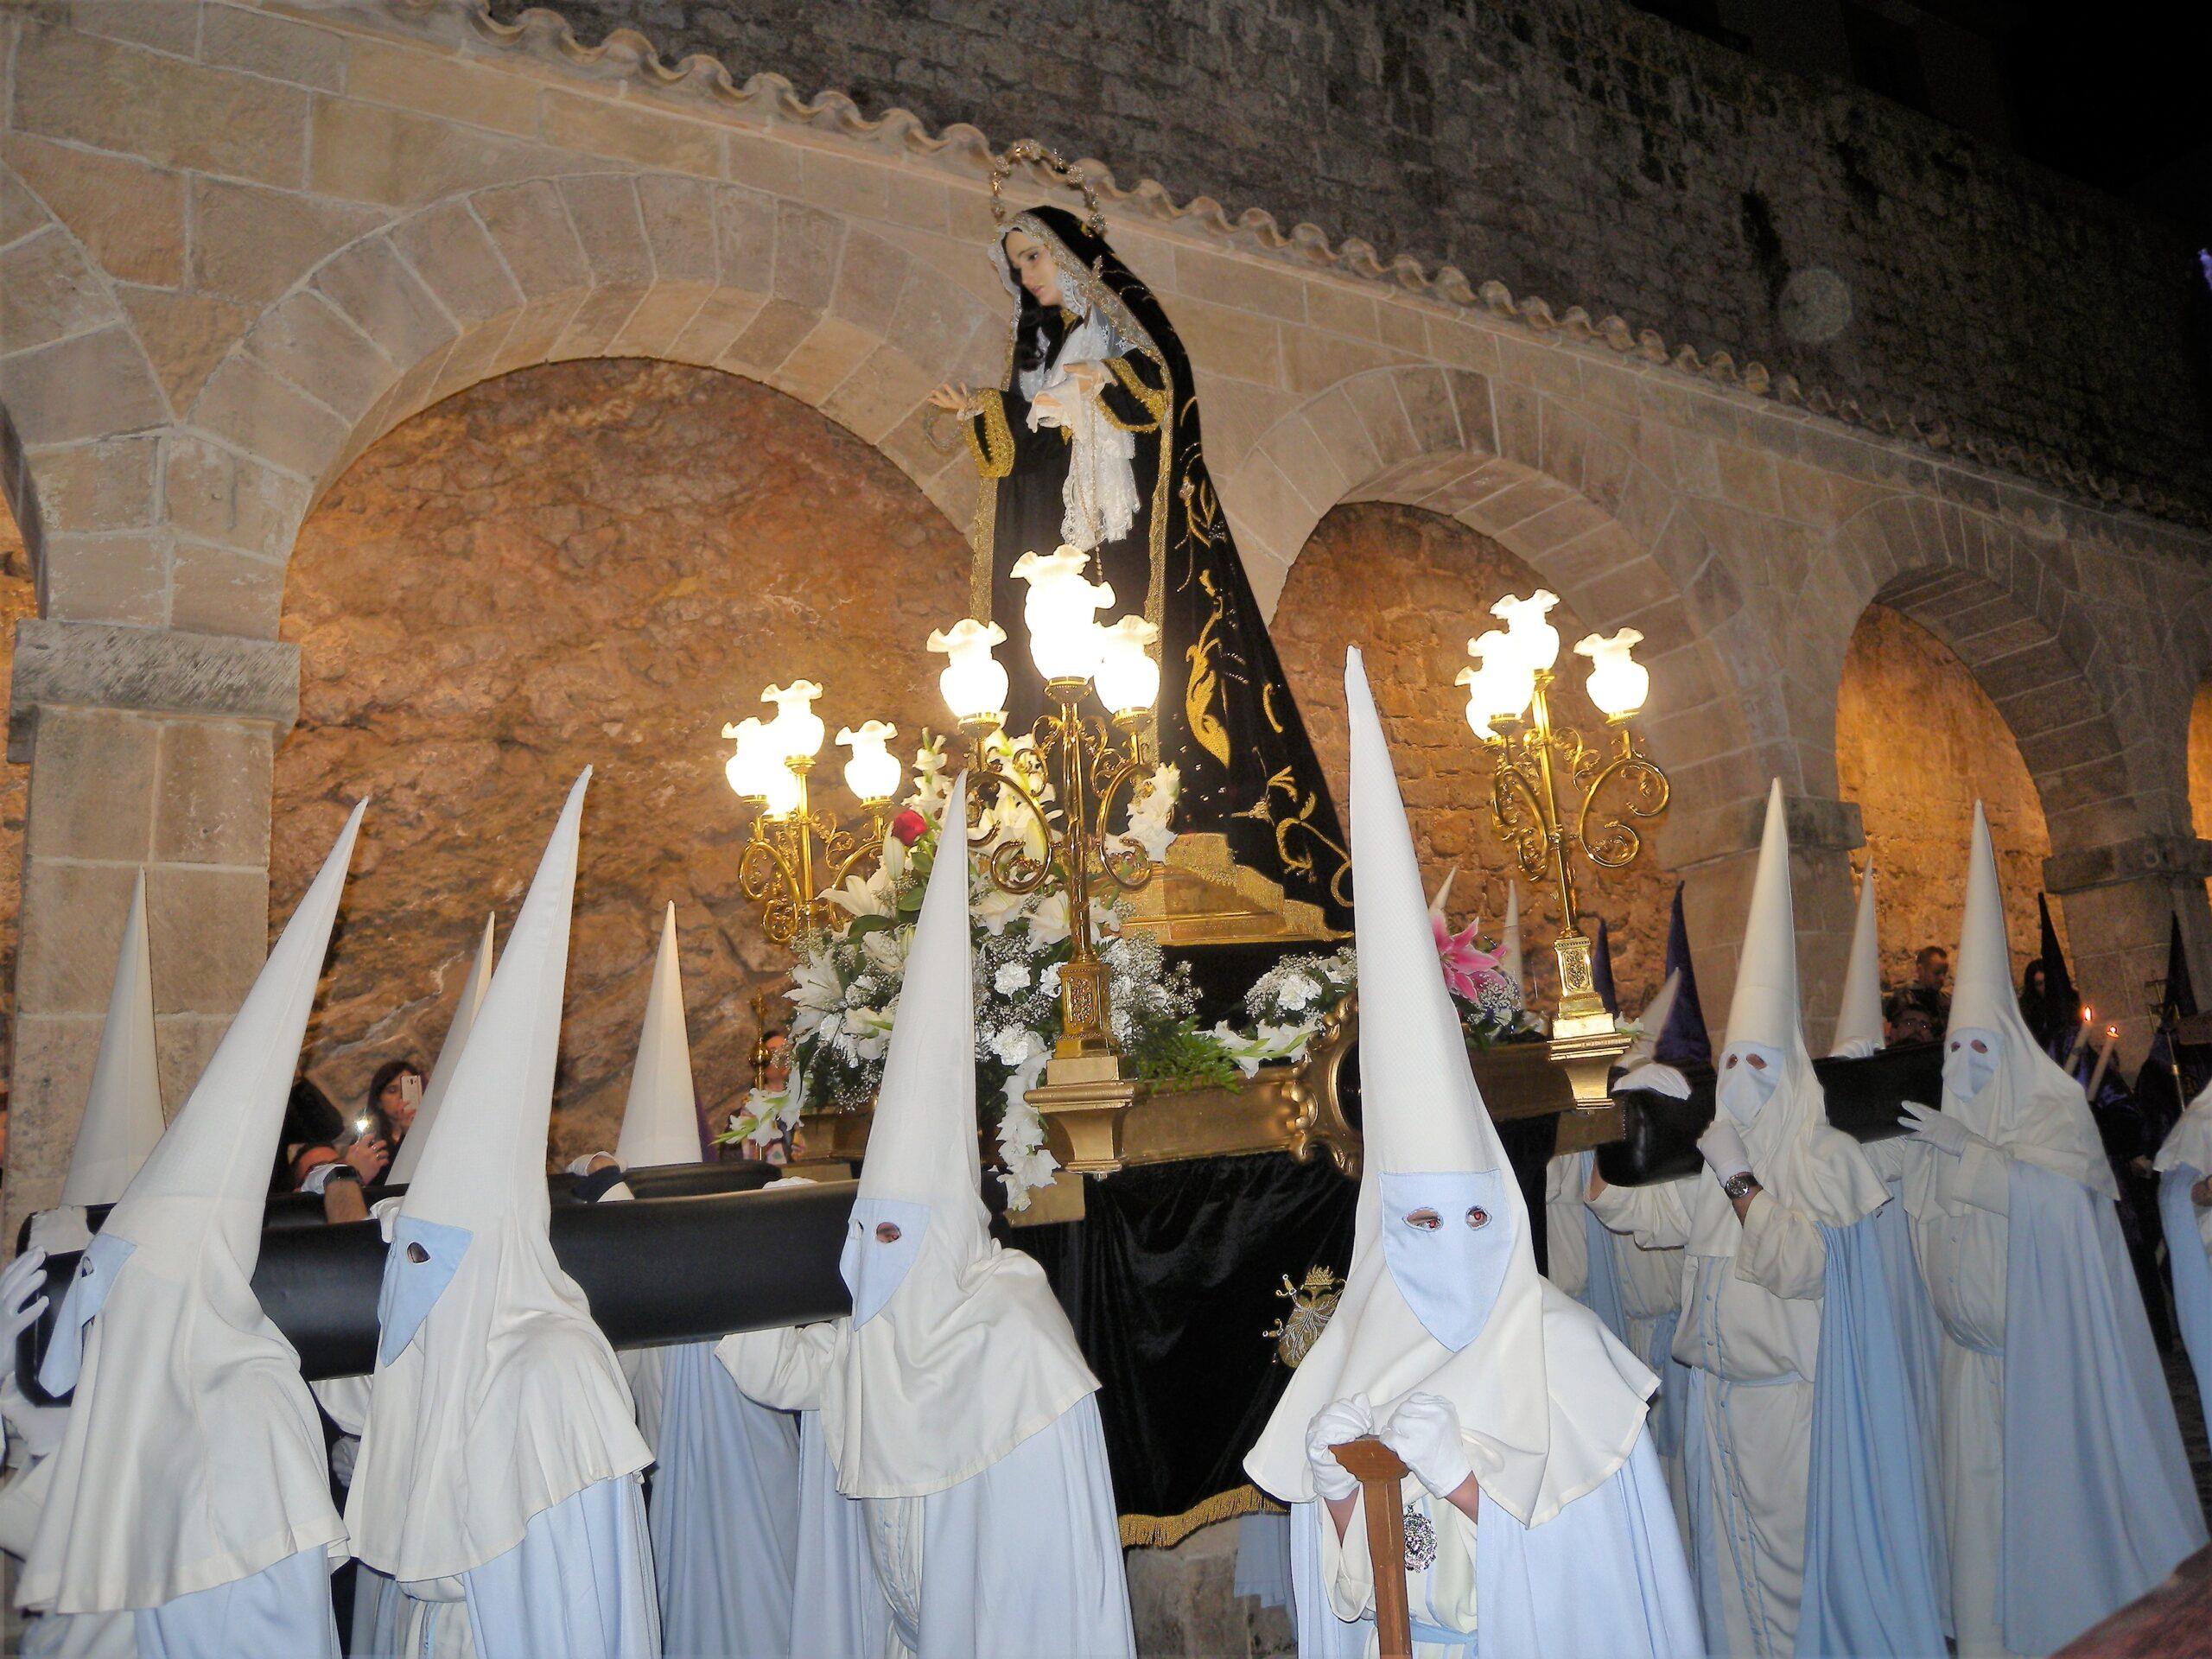 Se suprimen las procesiones de Semana Santa en Ibiza y Formentera